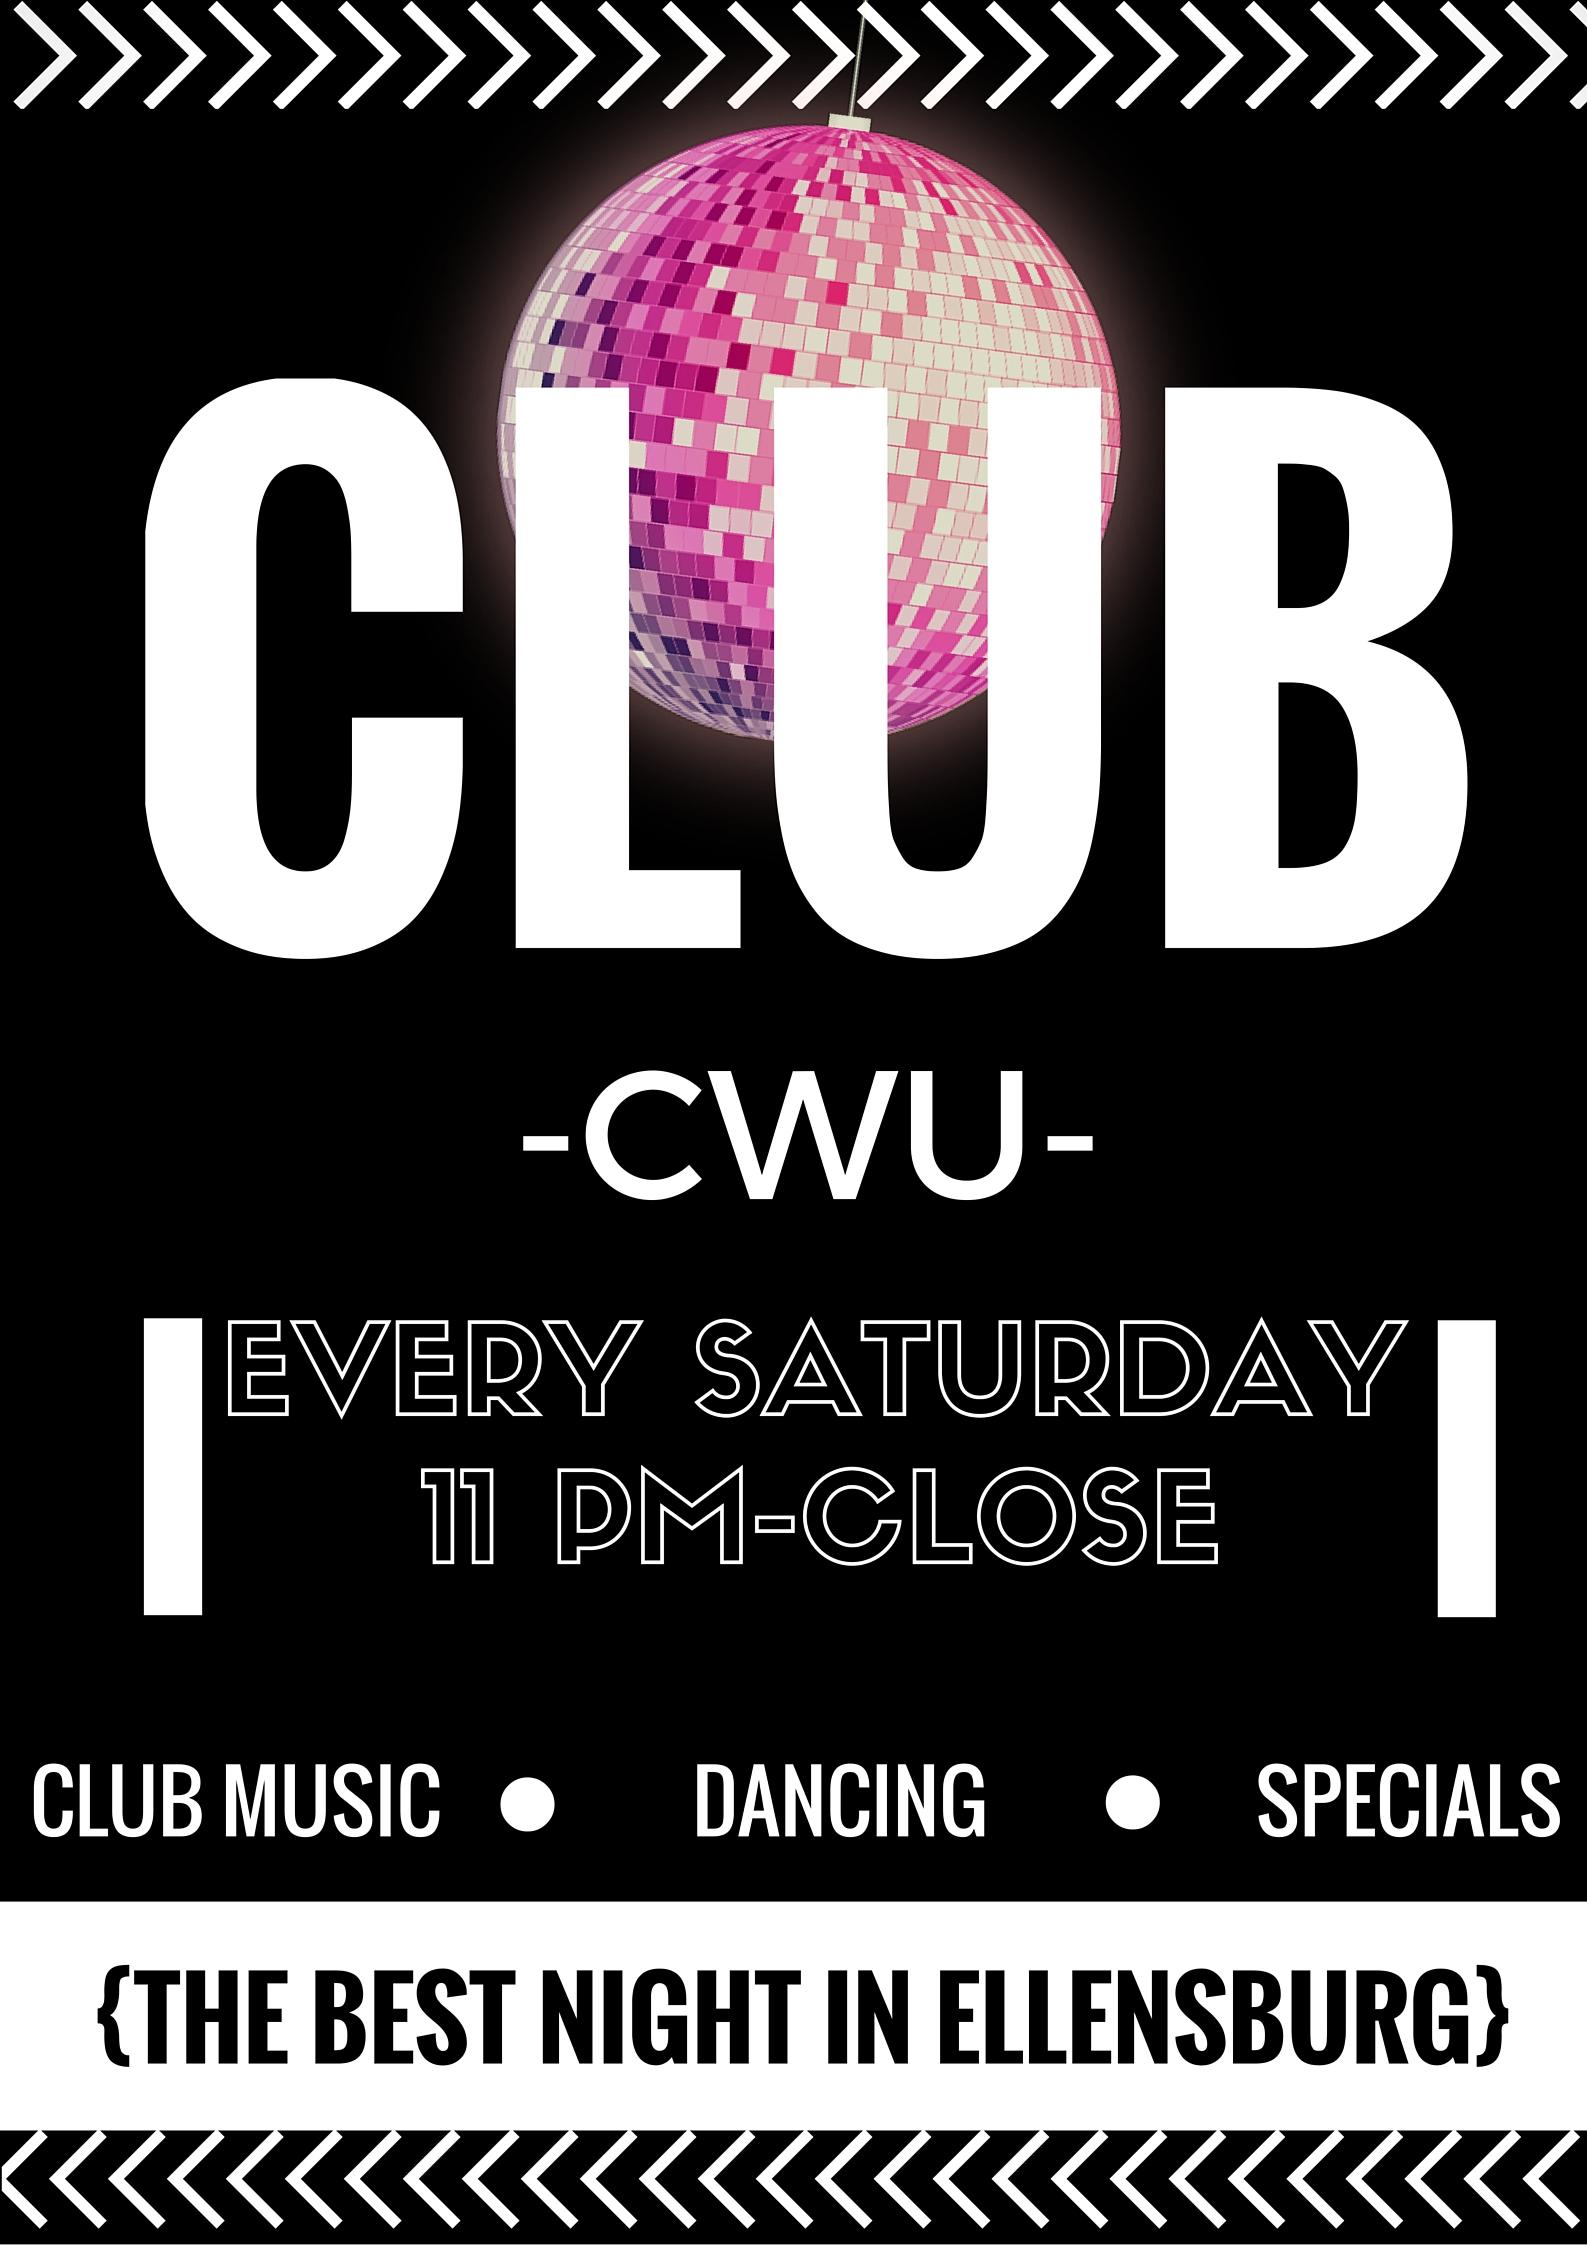 Club CWU